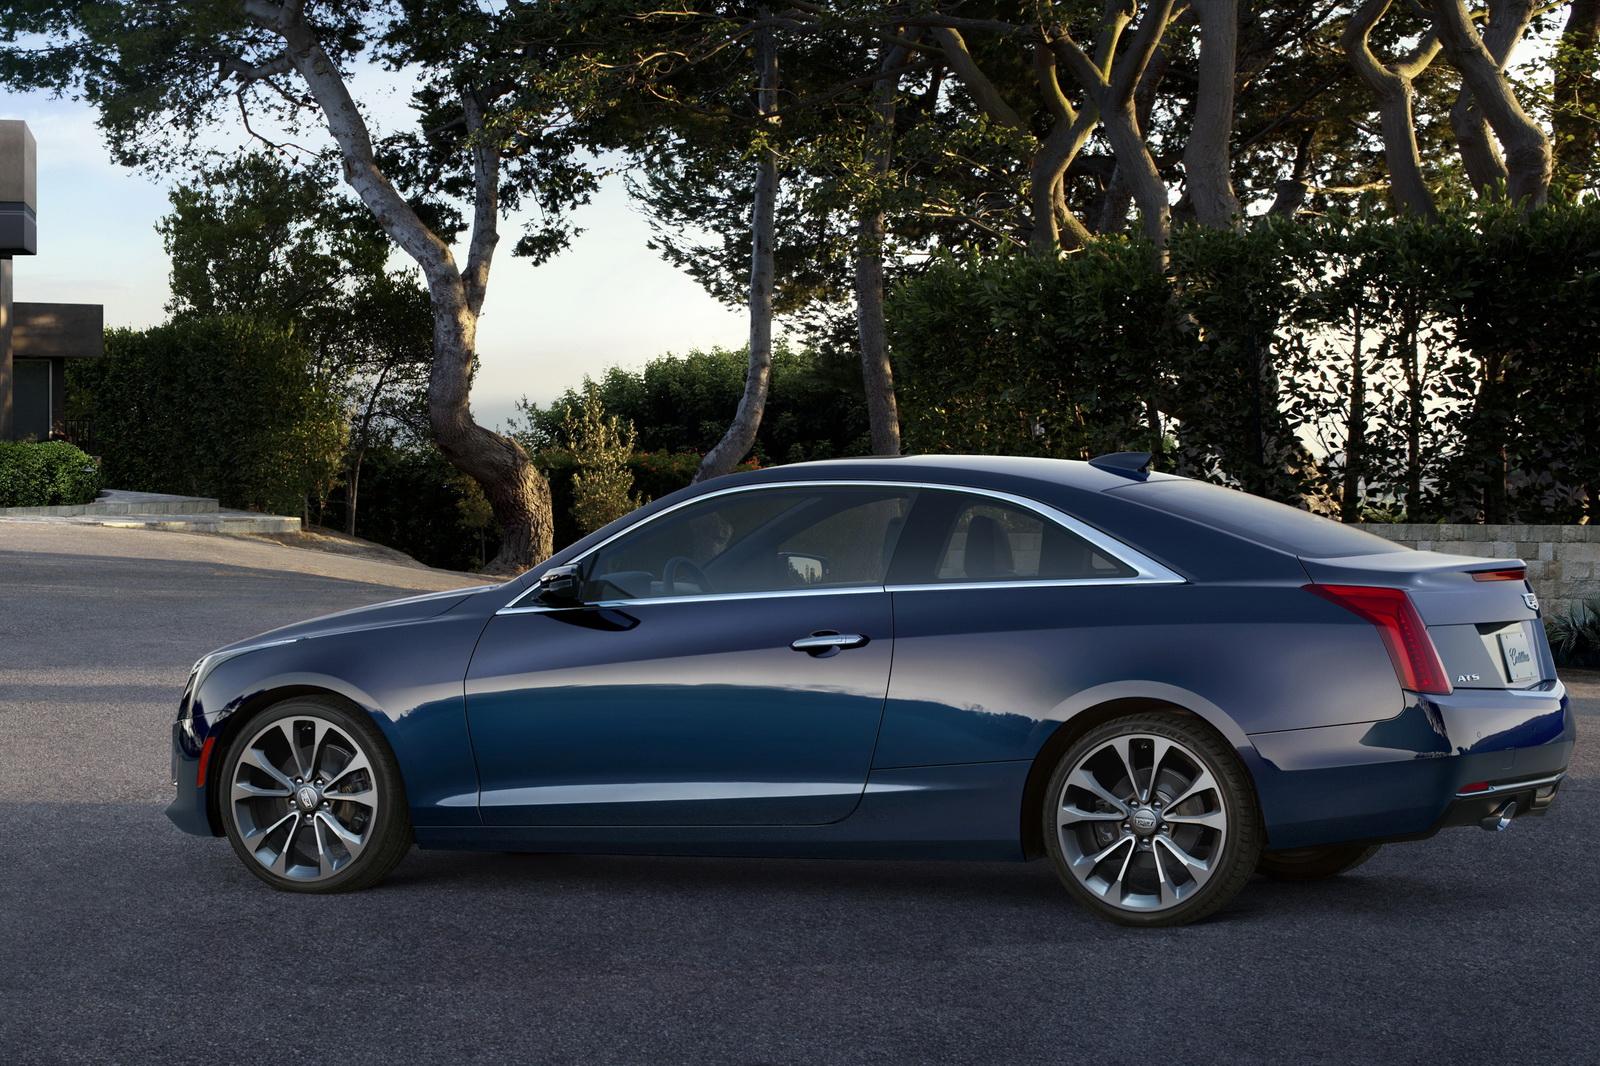 2015 Cadillac Ats Coupe Motoroids Com